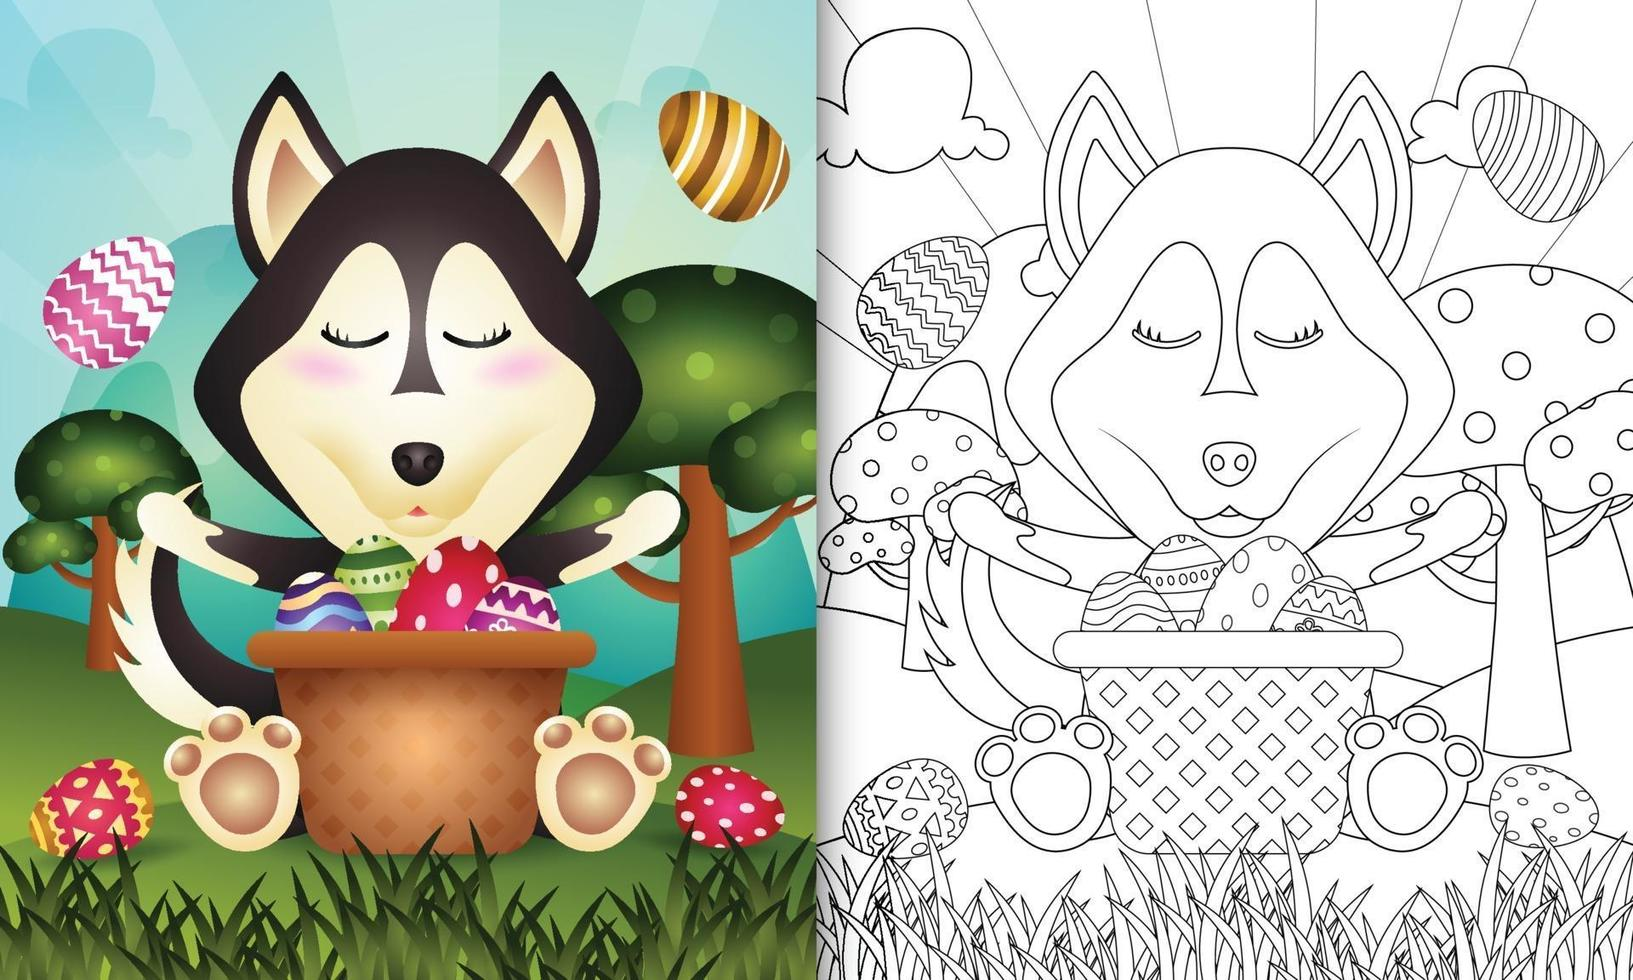 Libro para colorear para niños con temática feliz día de pascua con ilustración de personaje de un lindo perro husky en el cubo de huevo vector